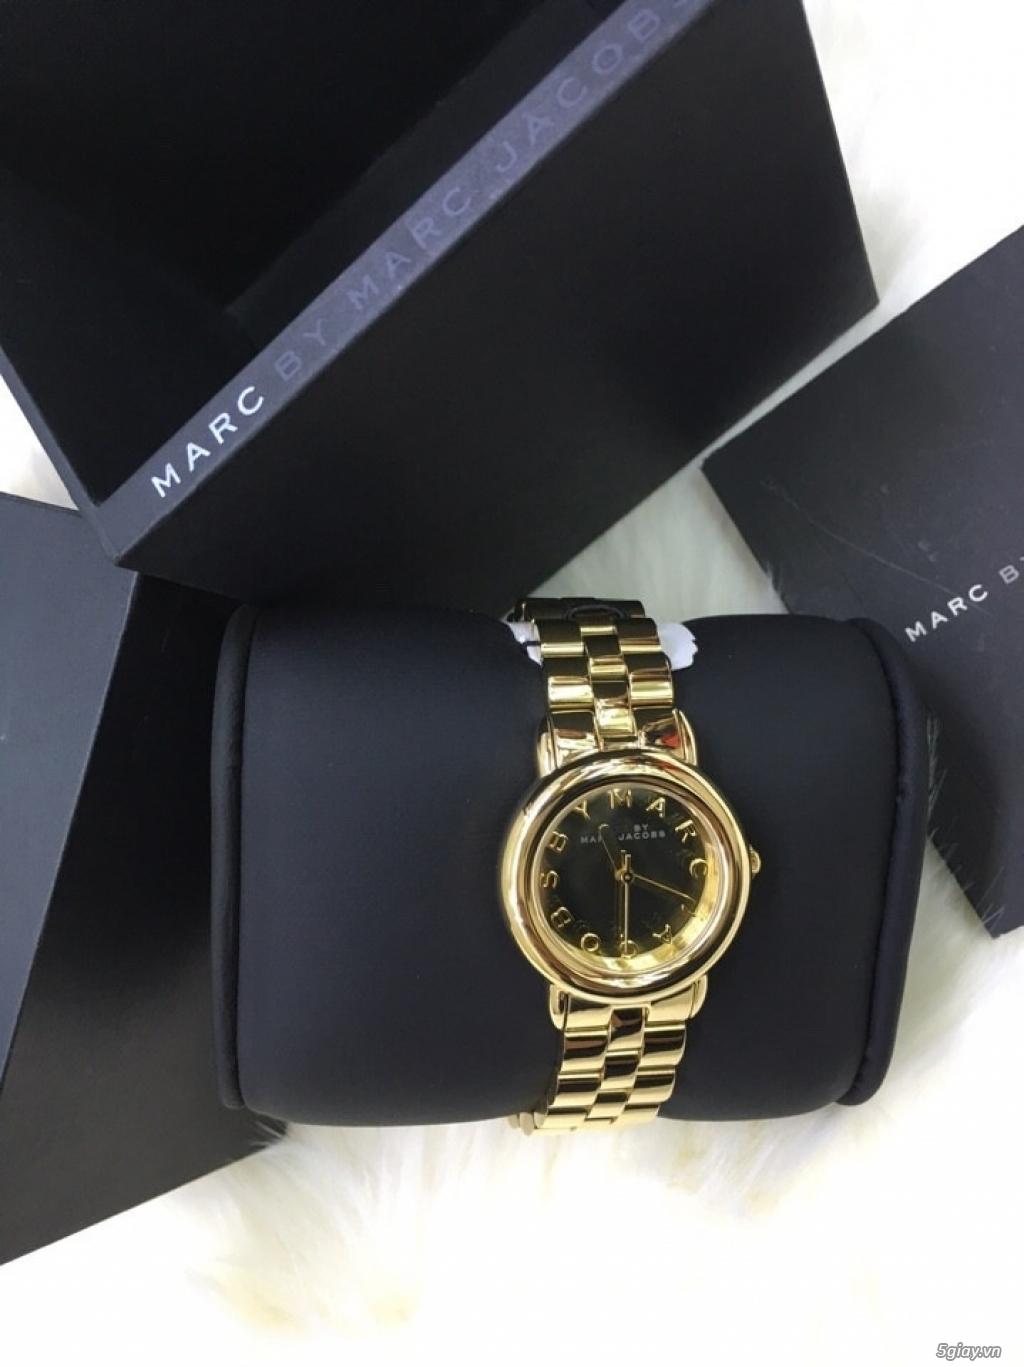 Đồng hồ chính hãng Michael Kors giá rẻ - 8